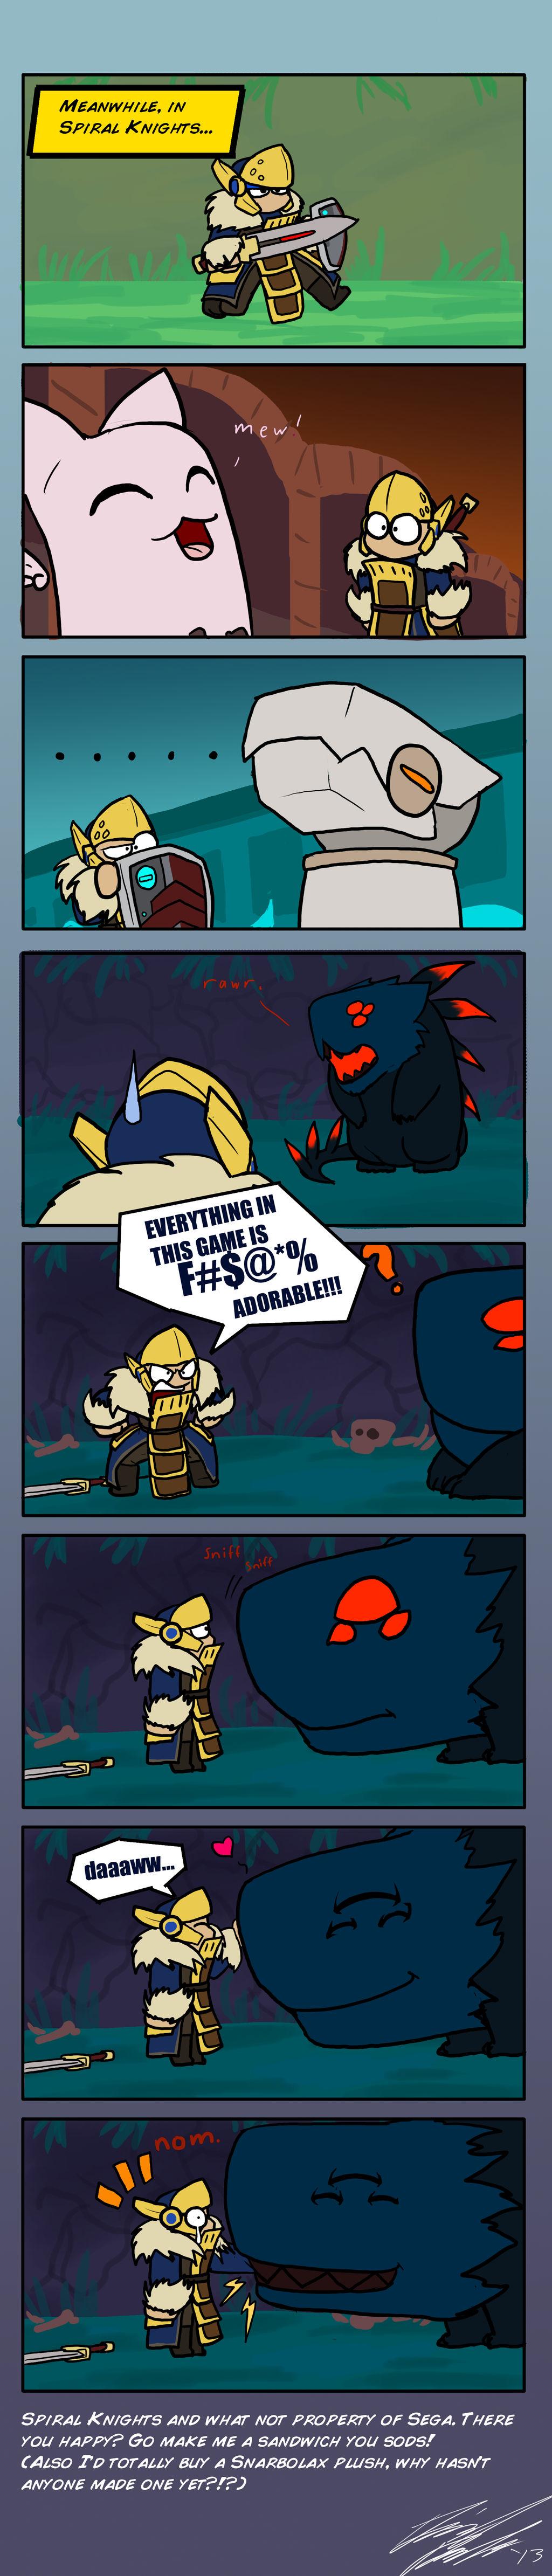 Adventures in Spiral Knights!